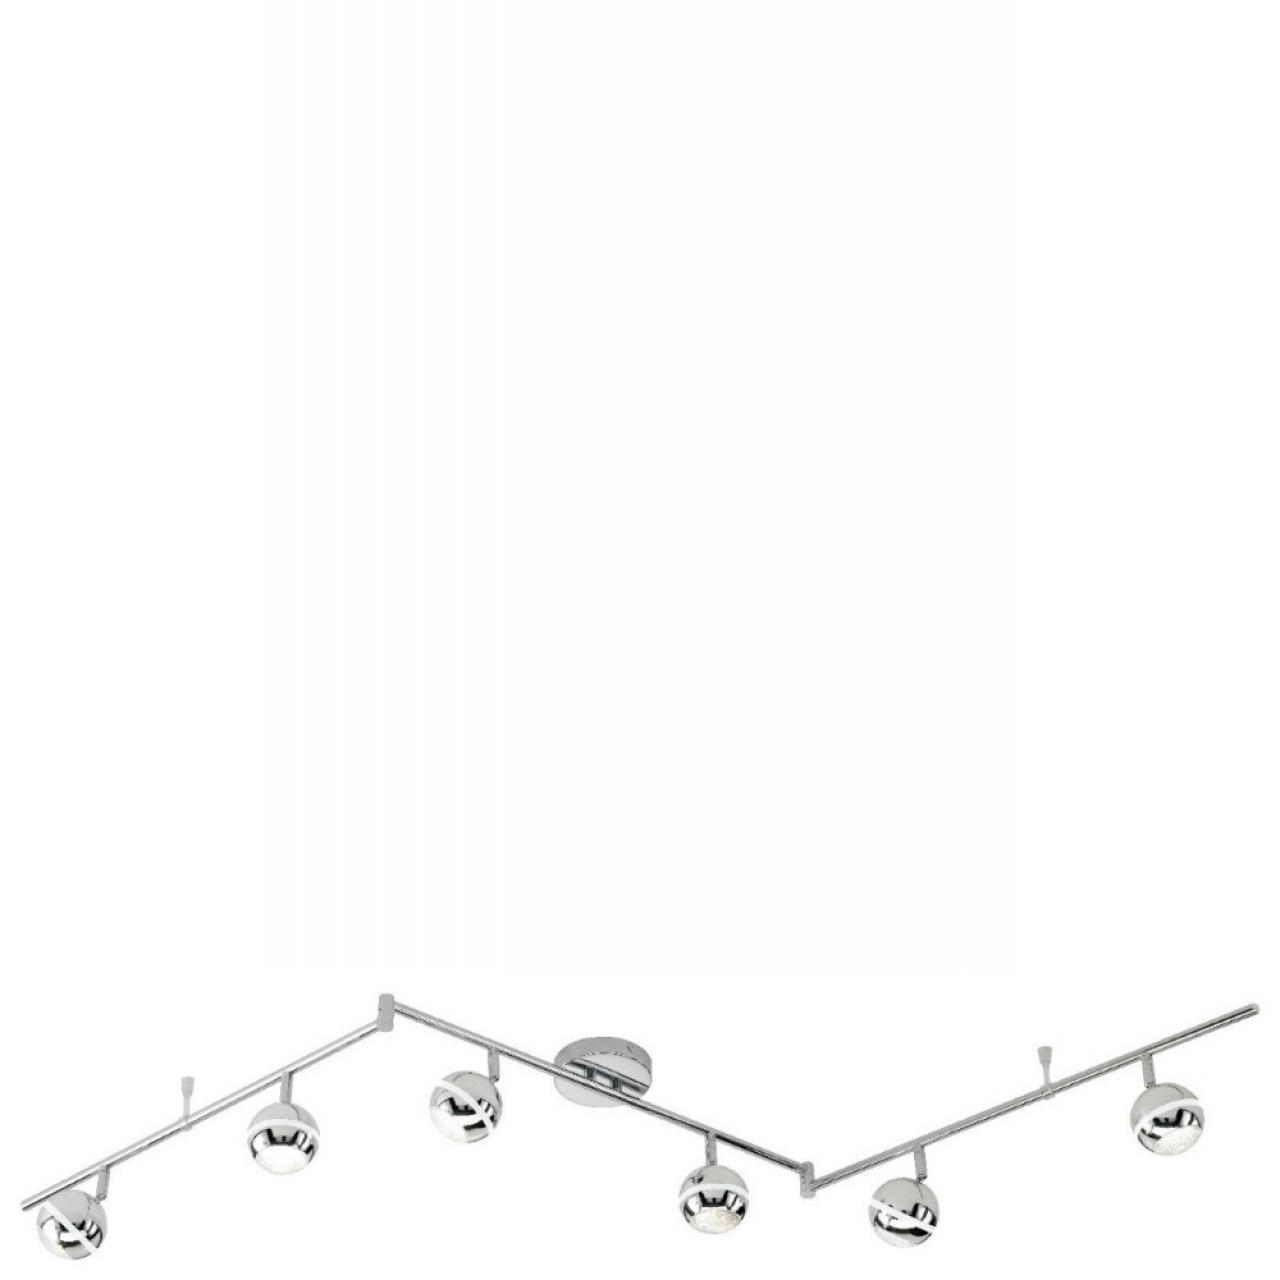 LED-Schiene - Trio Lampen